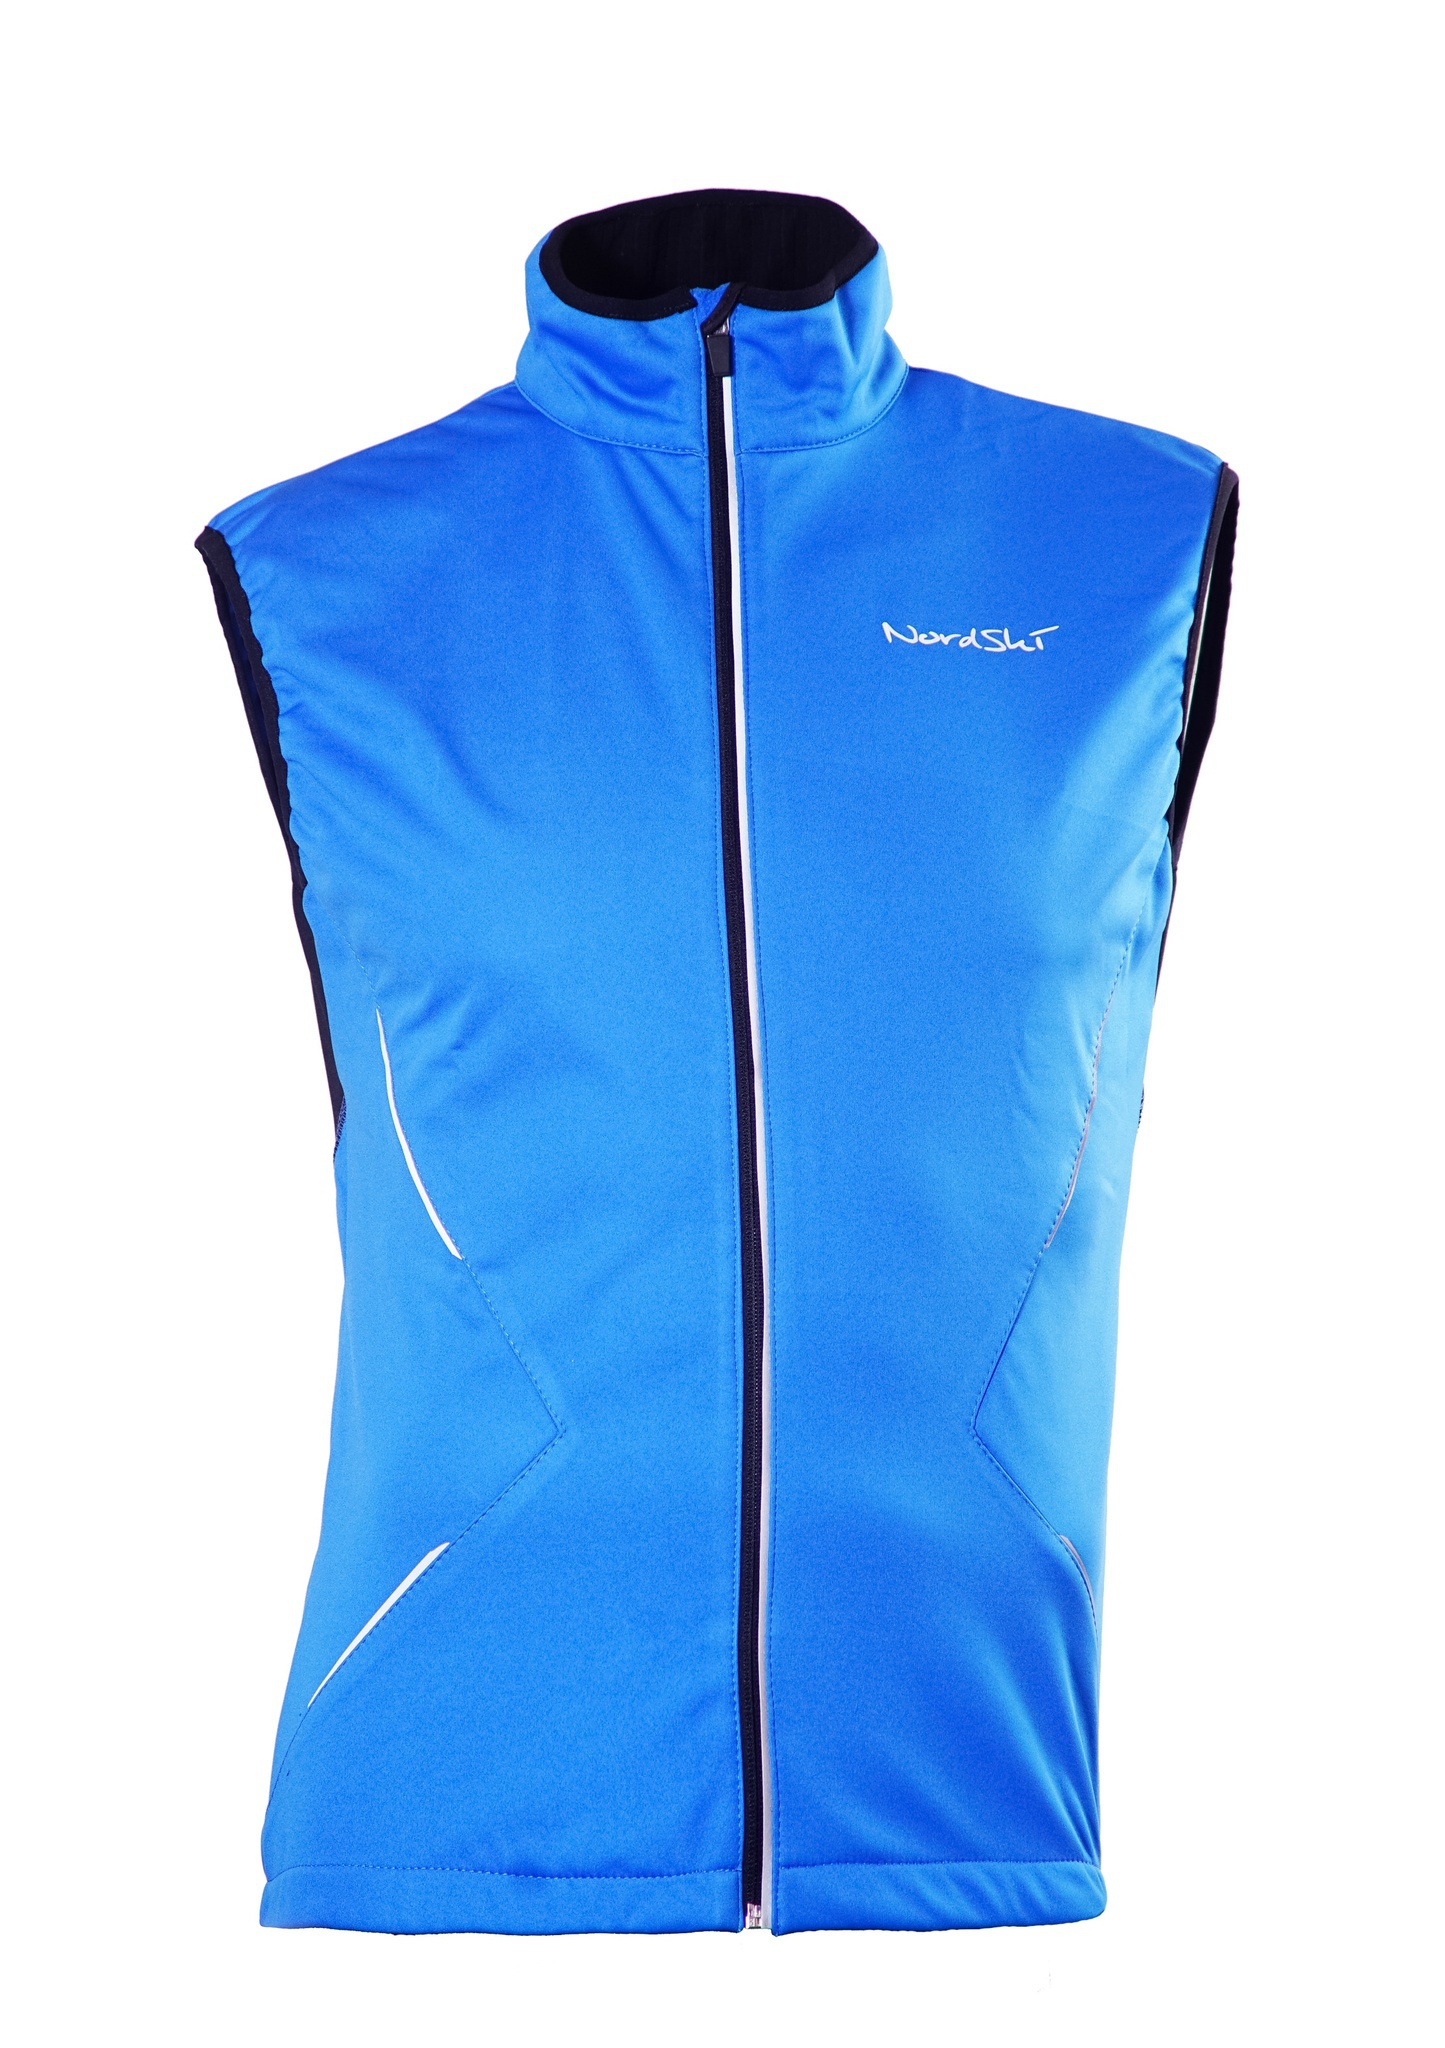 Лыжный жилет SoftShell Nordski Premium (NSJ312700) синий фото